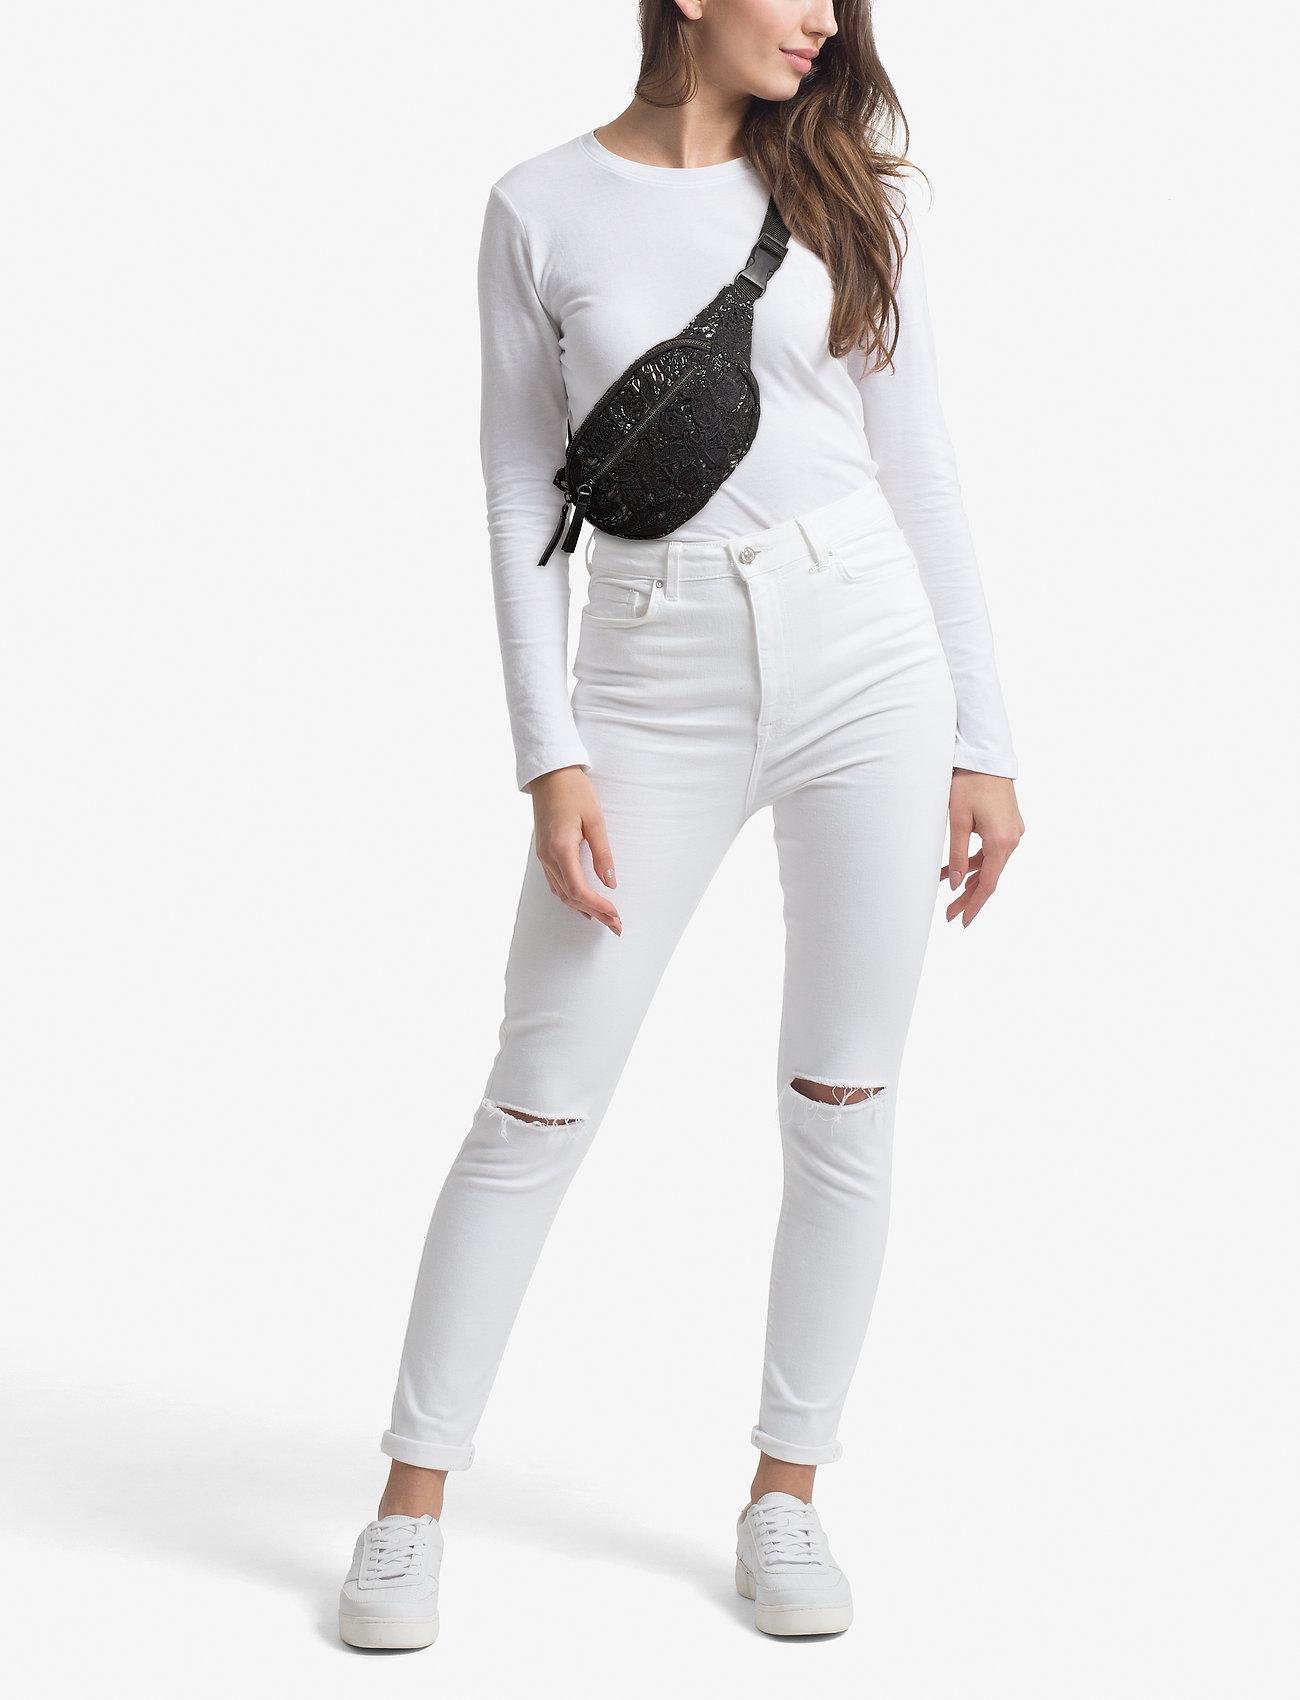 DAY et Day Shimmer Oval Bum Bag - BLACK